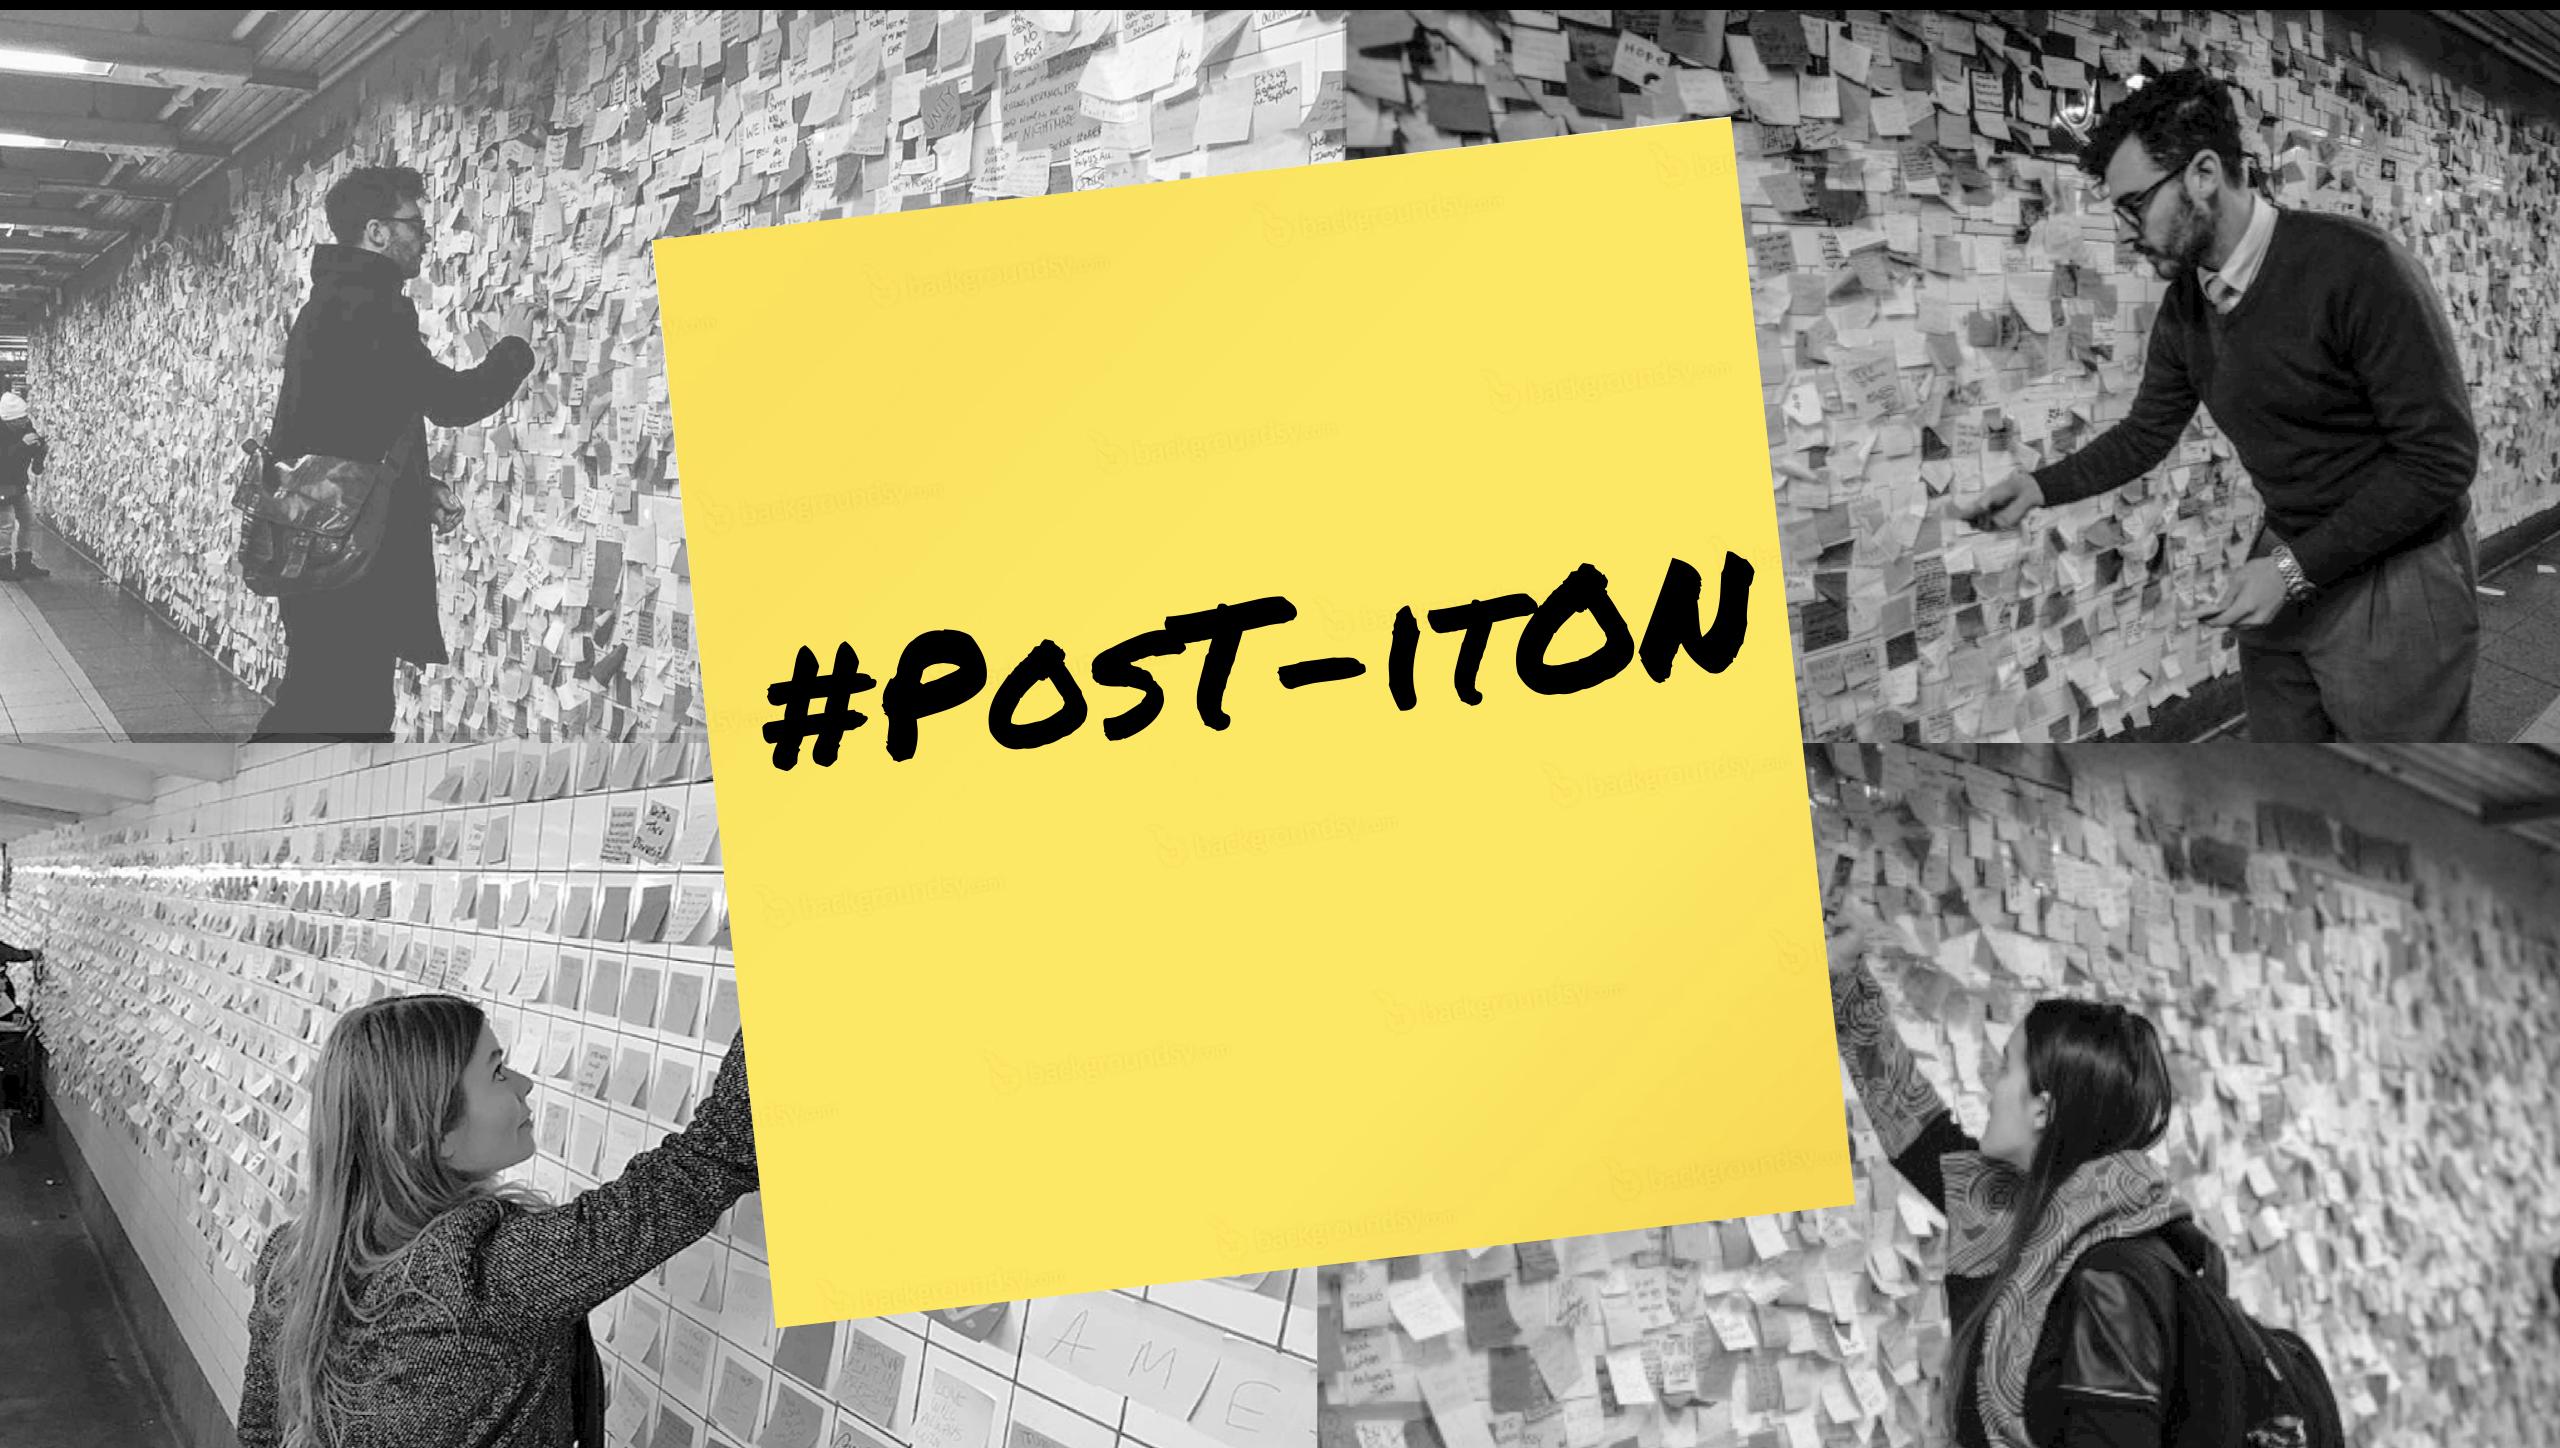 #Post-itOn Campaign